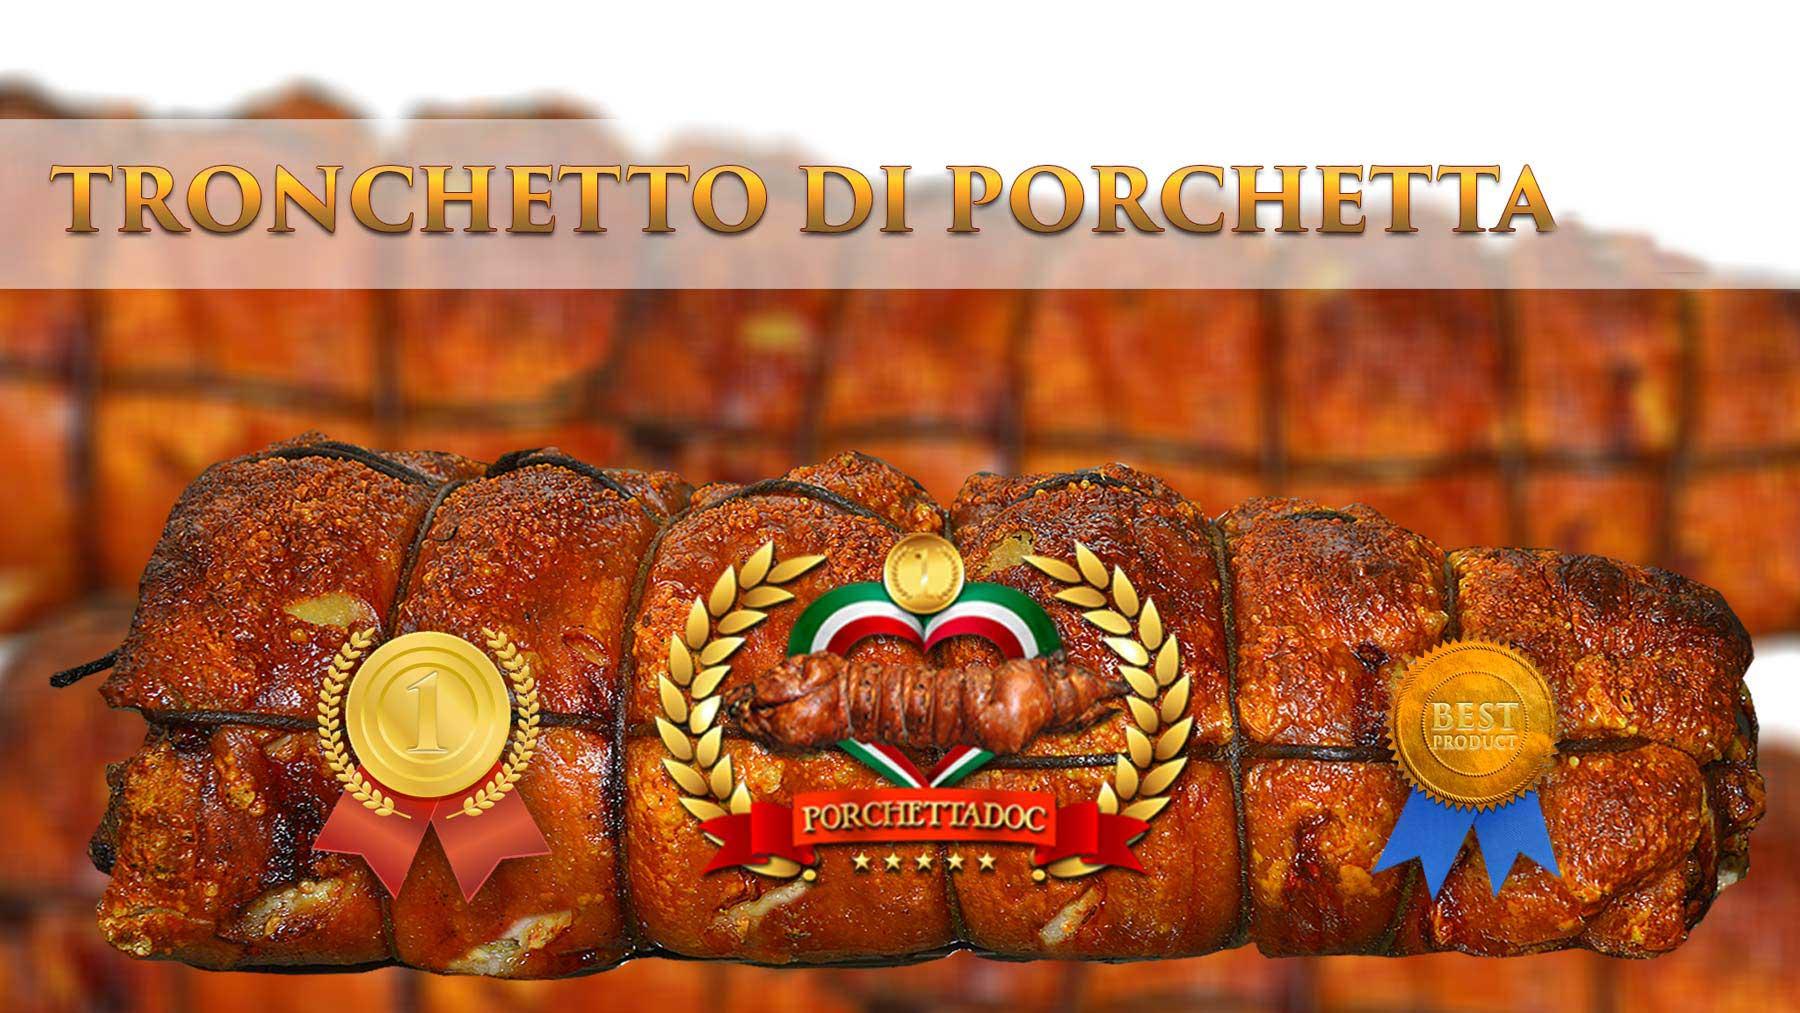 Tronchetto di porchetta 10 Kg. Tronchetto di Porchetta di Ariccia IGP 4 Kg.